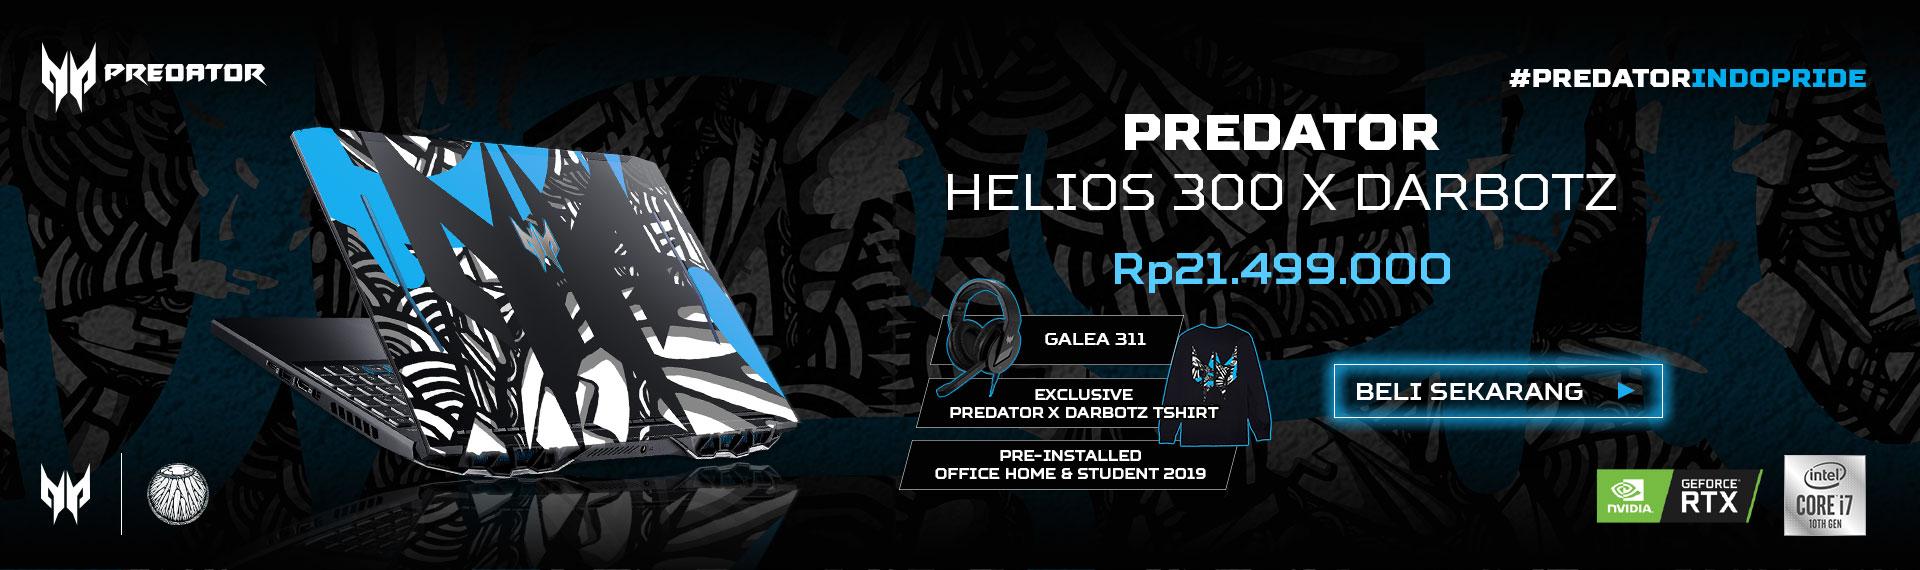 Predator Luncurkan Laptop Gaming Khusus Hasil Kolaborasi Perdana #PredatorIndoPride Bersama Darbotz